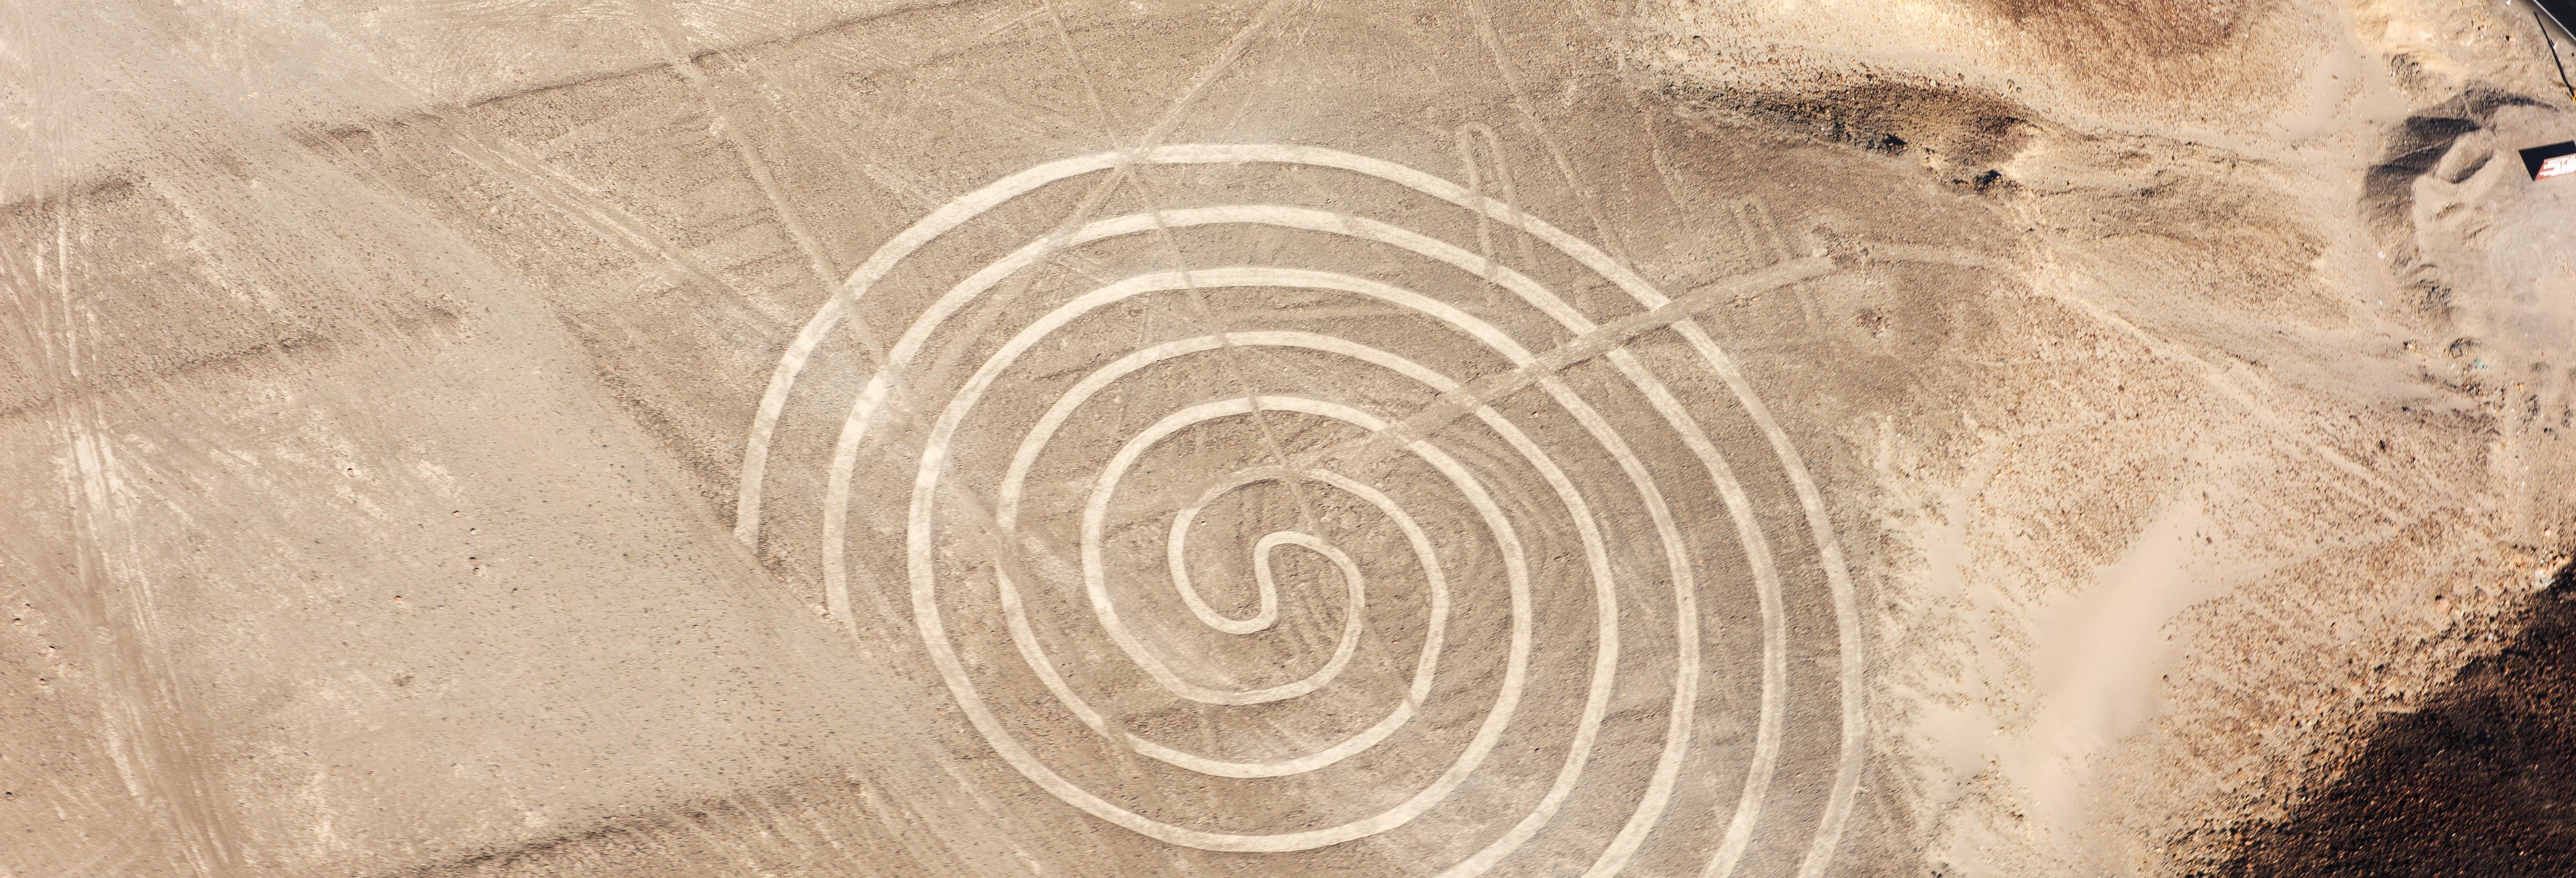 Vuelo sobre las Líneas de Nazca